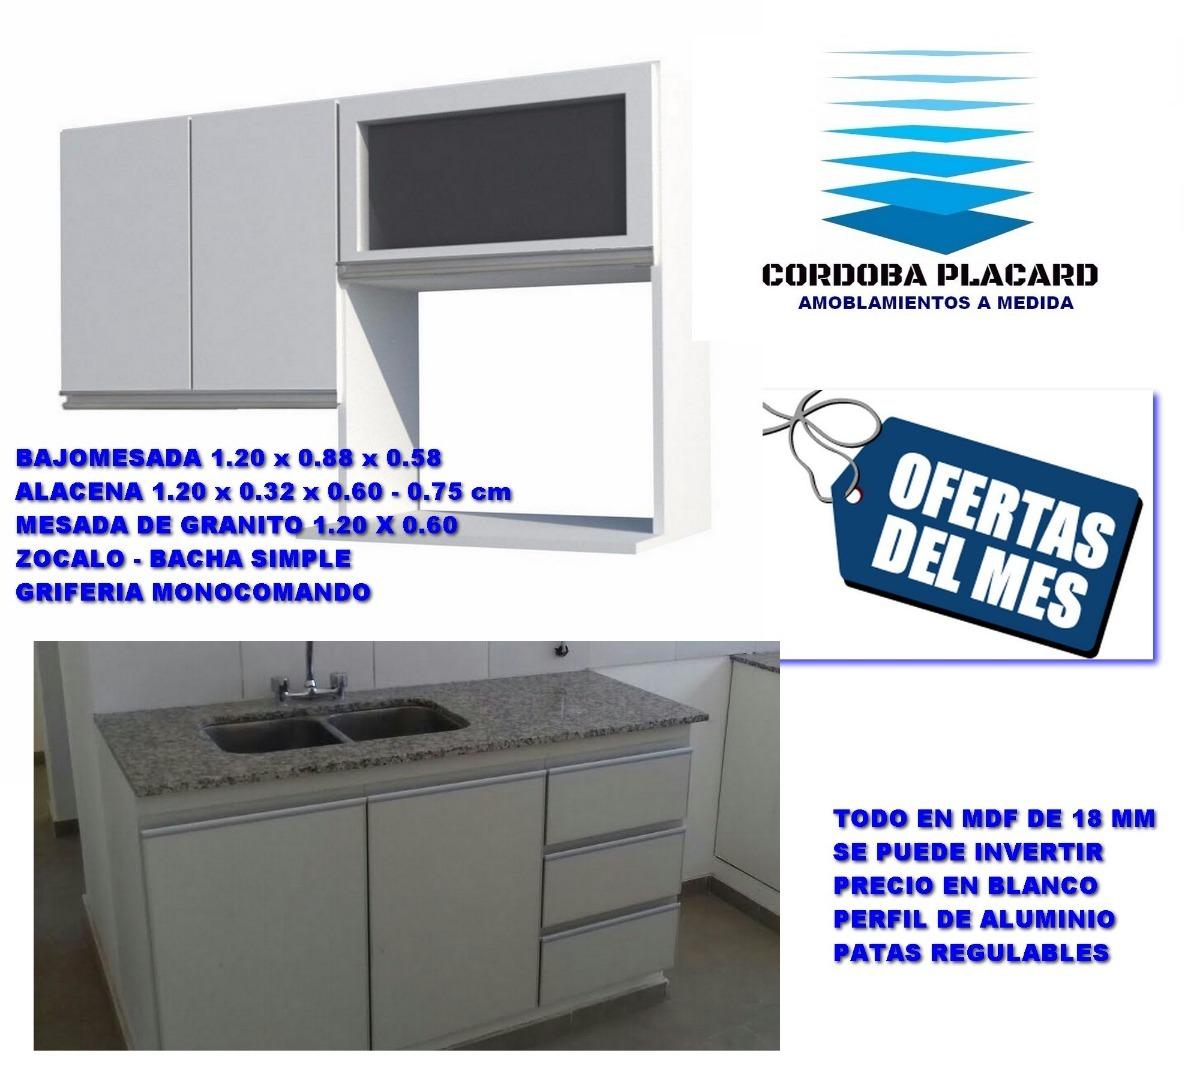 Muebles De Cocina A Medida - Bajomesada - Alacena - Mesada ...